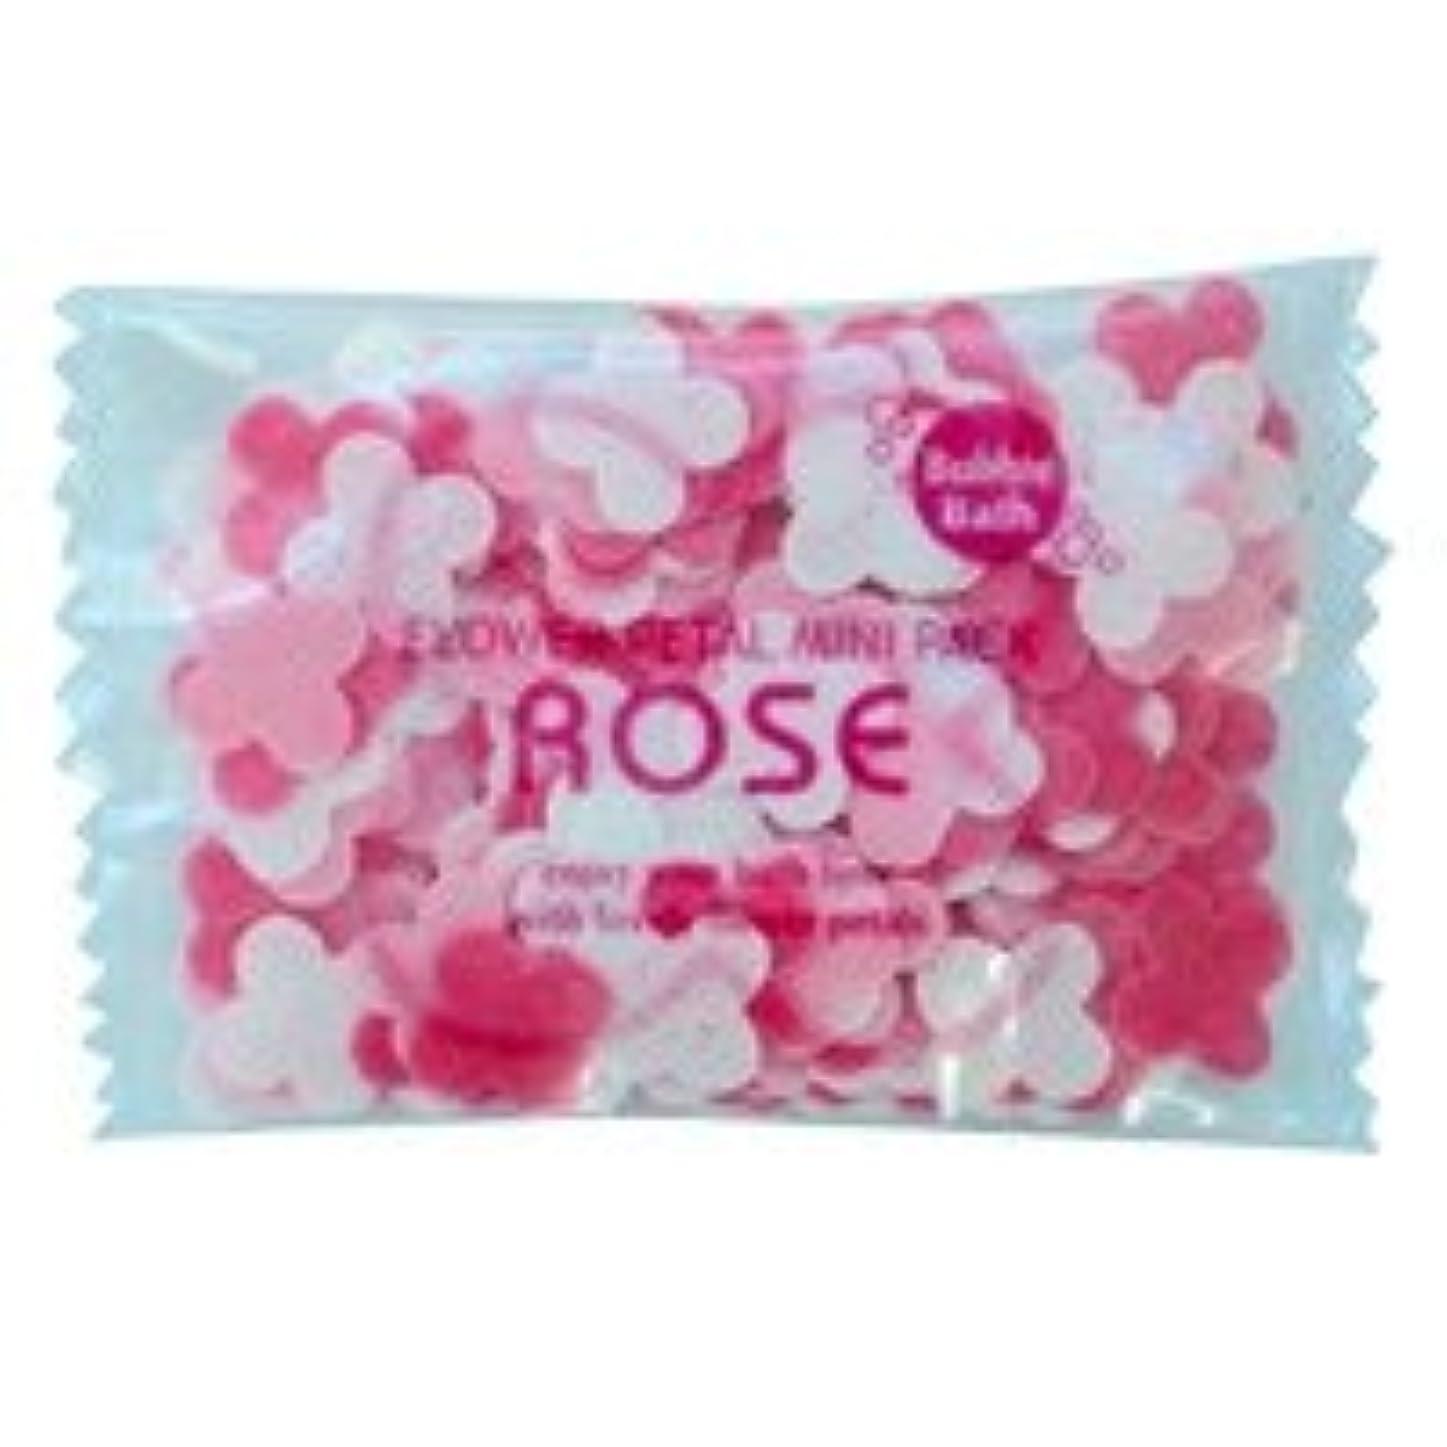 普通の有力者起こりやすいフラワーペタル バブルバス ミニパック「ローズ」20個セット ハッピーな気分になりたい日に幸福感で包んでくれる華やかなローズの香り